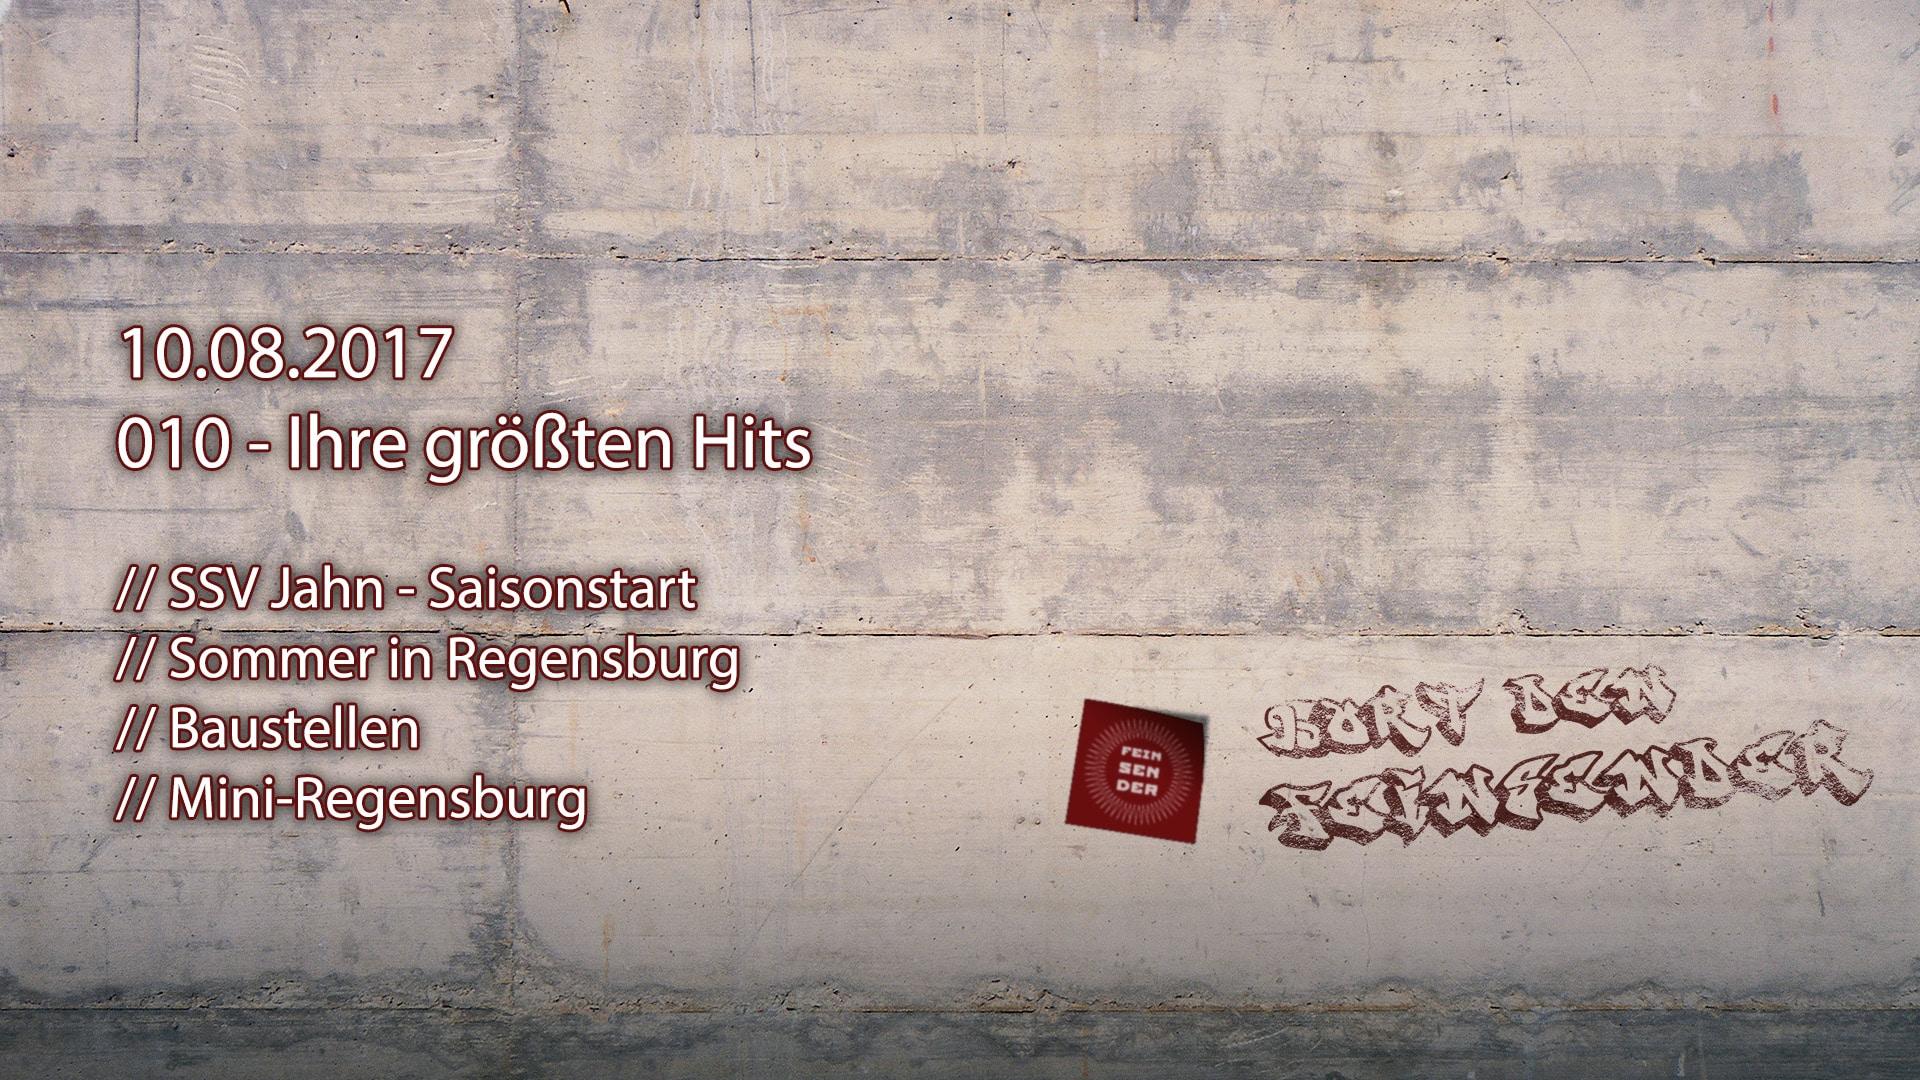 Der Feinsender - 010. Bild: ld/om.